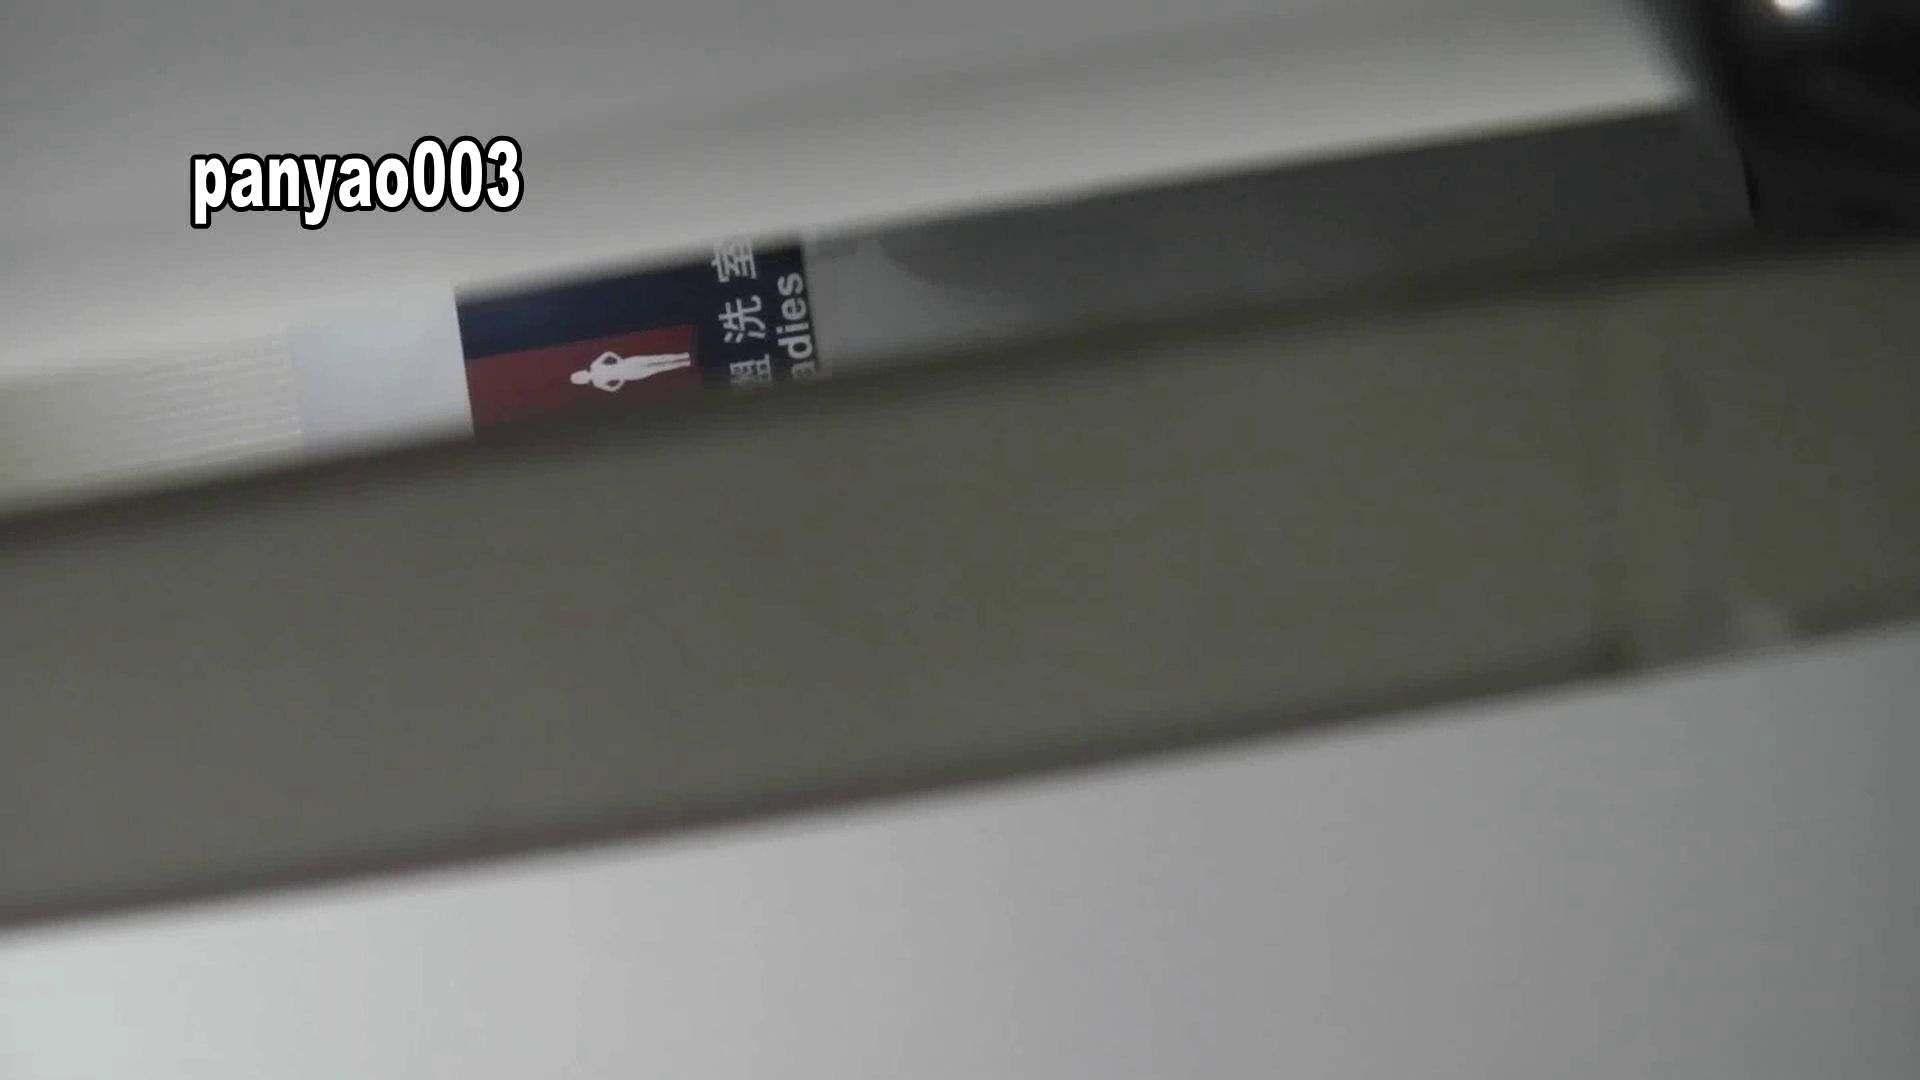 日本成人用品展览会。vol.03 ミリミリミリィ 潜入突撃  79pic 3